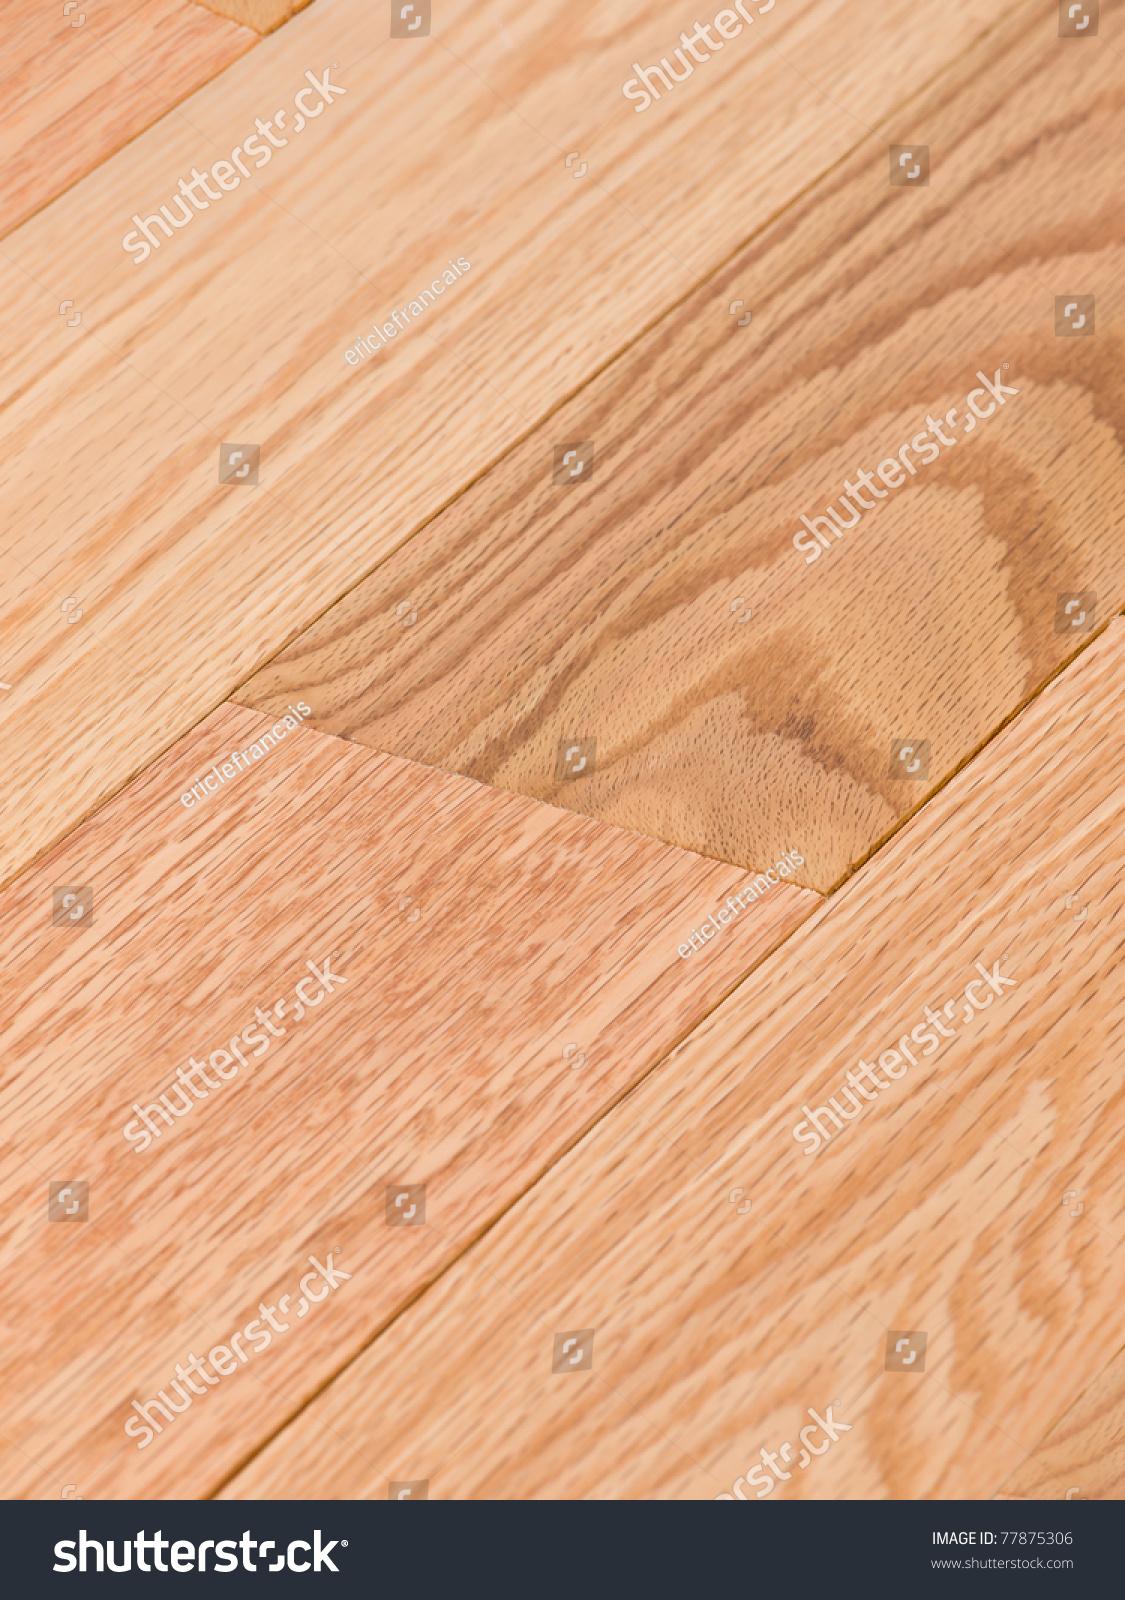 beige wood floor texture stock photo 77875306 shutterstock. Black Bedroom Furniture Sets. Home Design Ideas